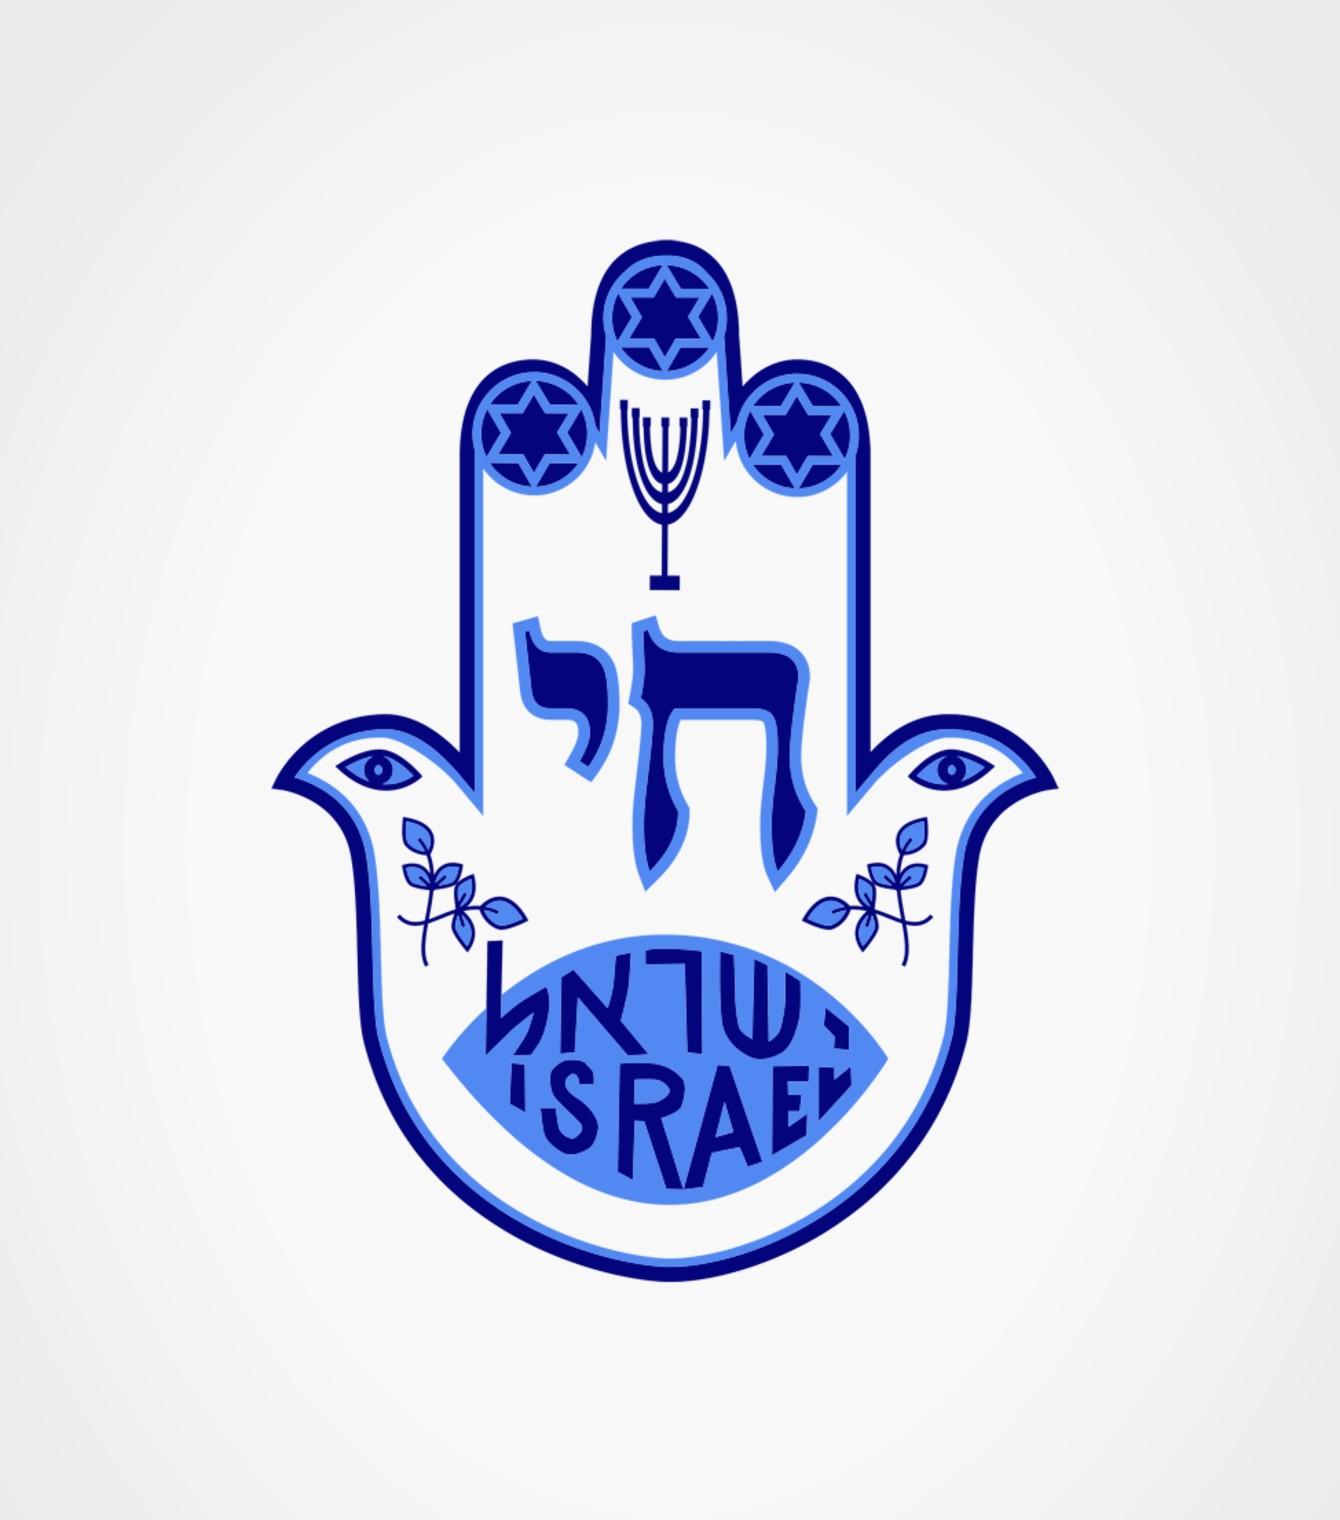 Hamsa Shirts Israeli T